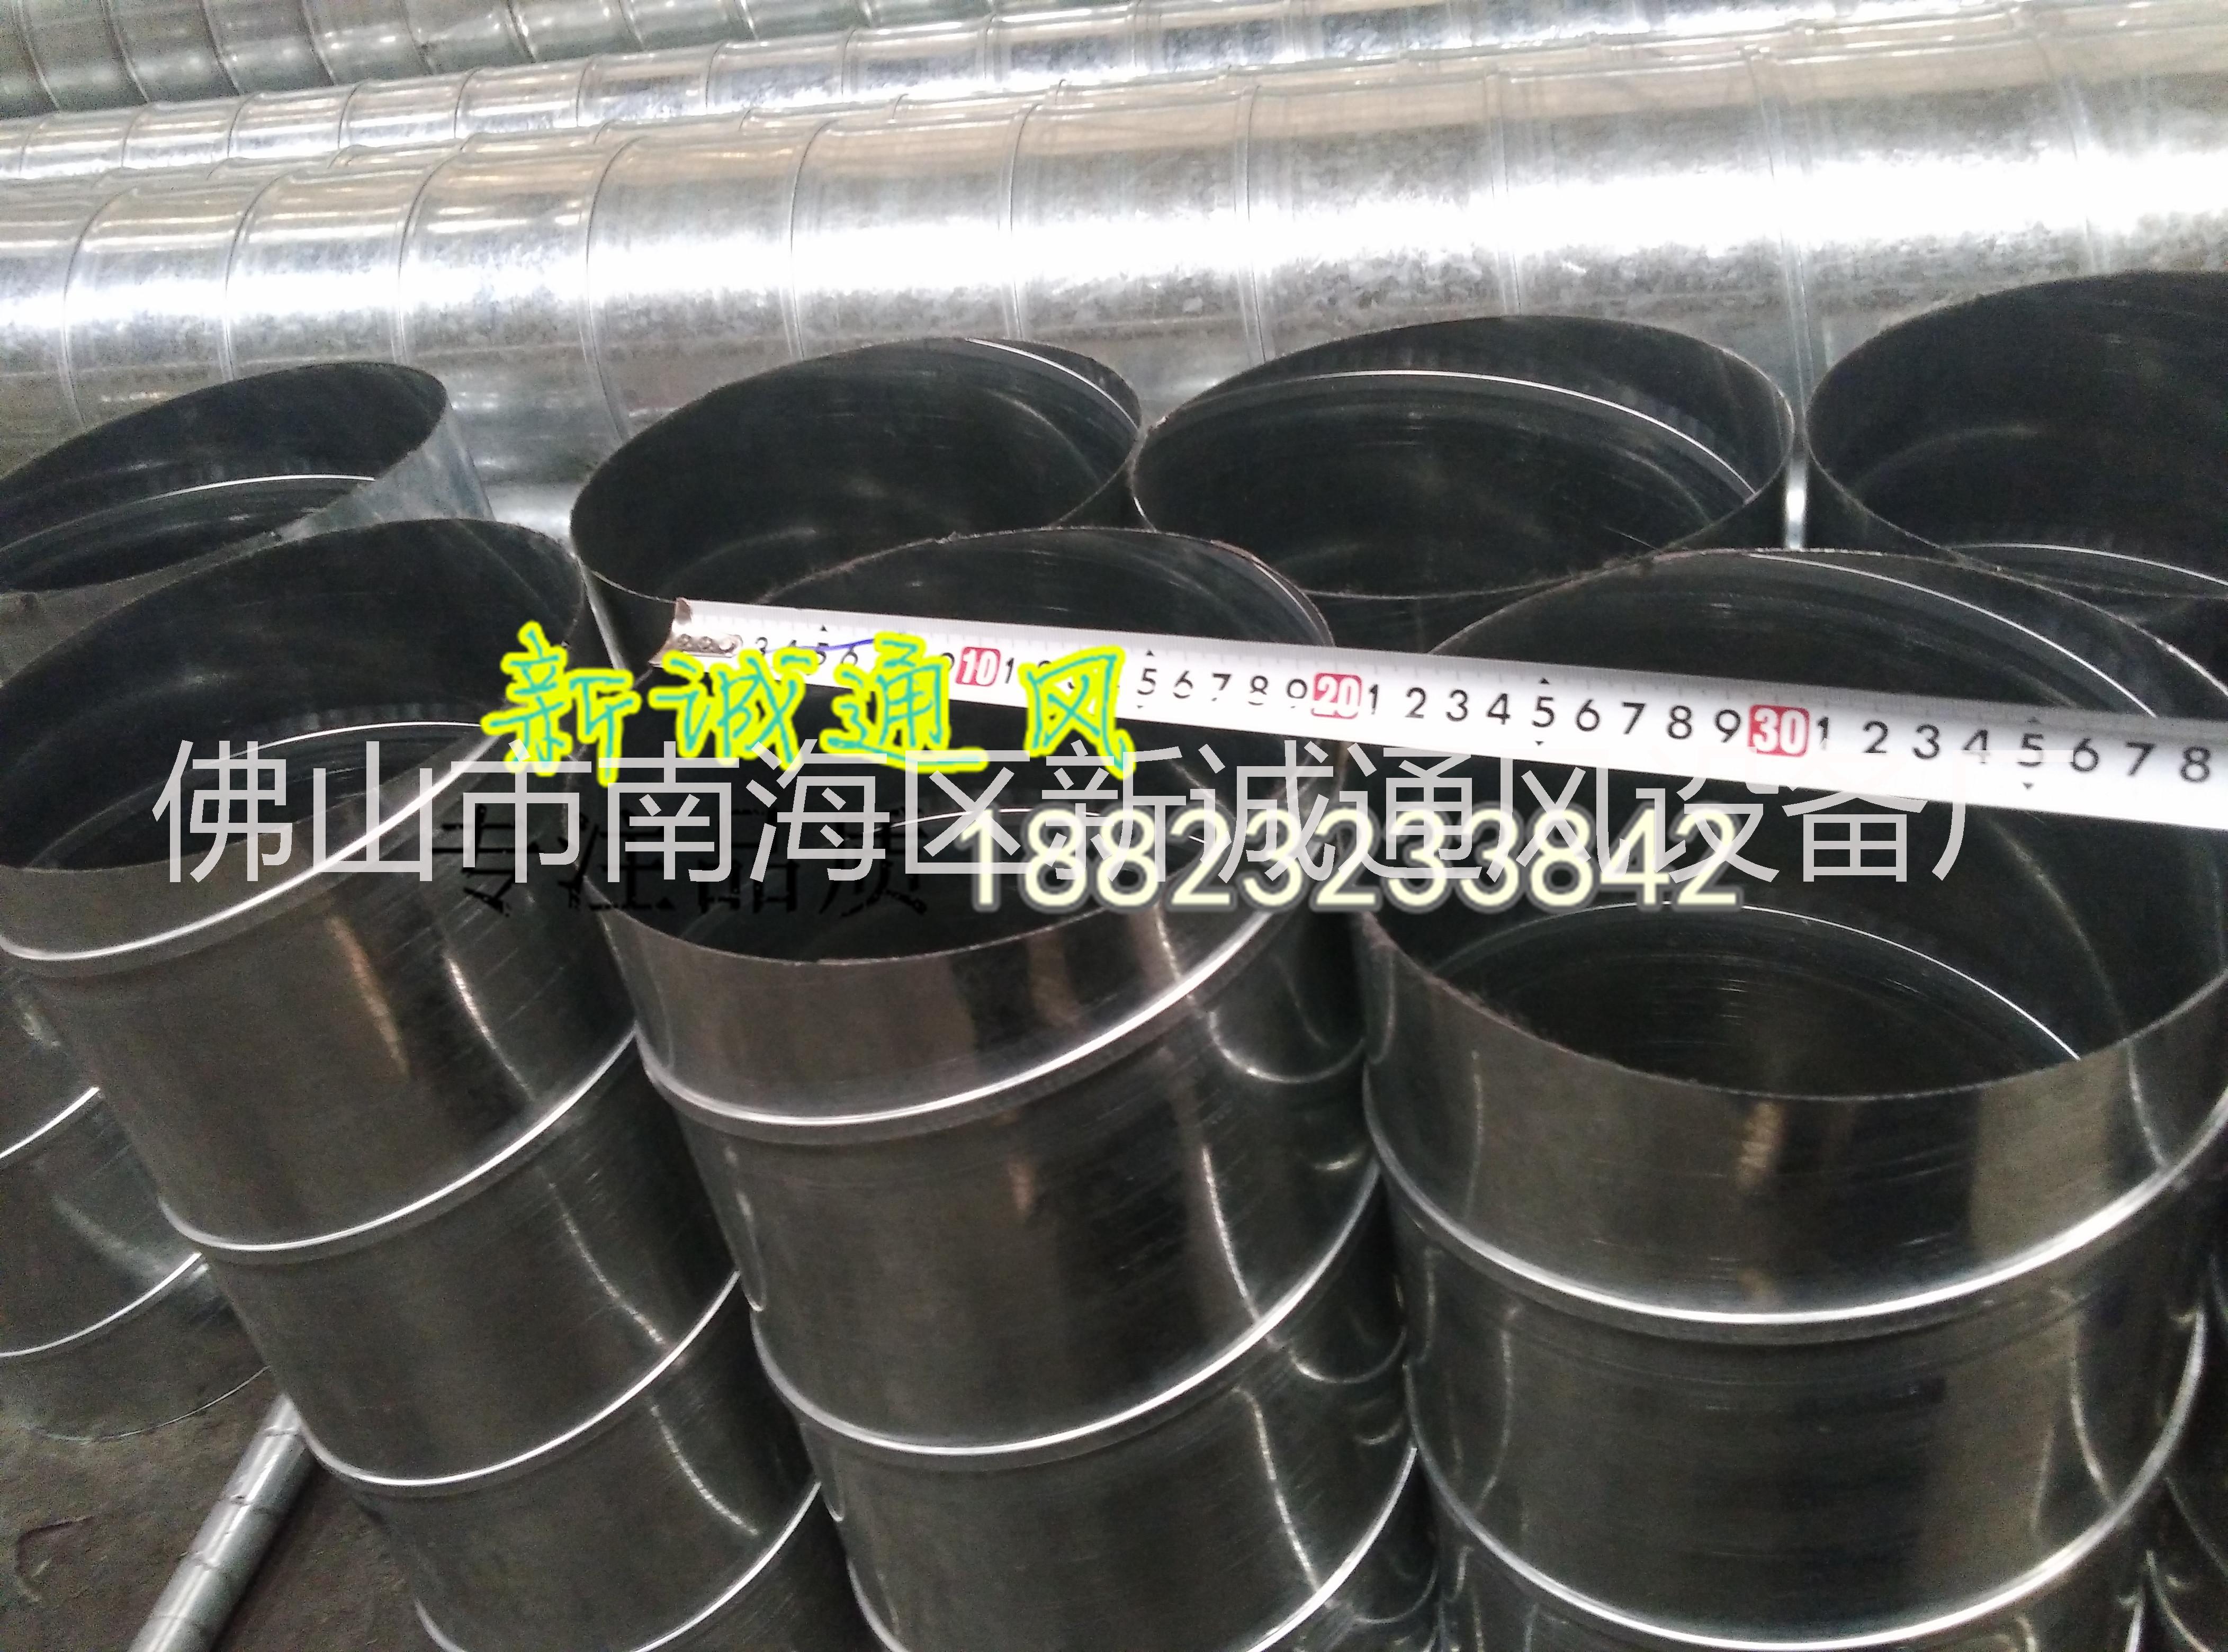 白铁皮螺旋风管价格 圆形风管直径200mm的管道厂家批发价格